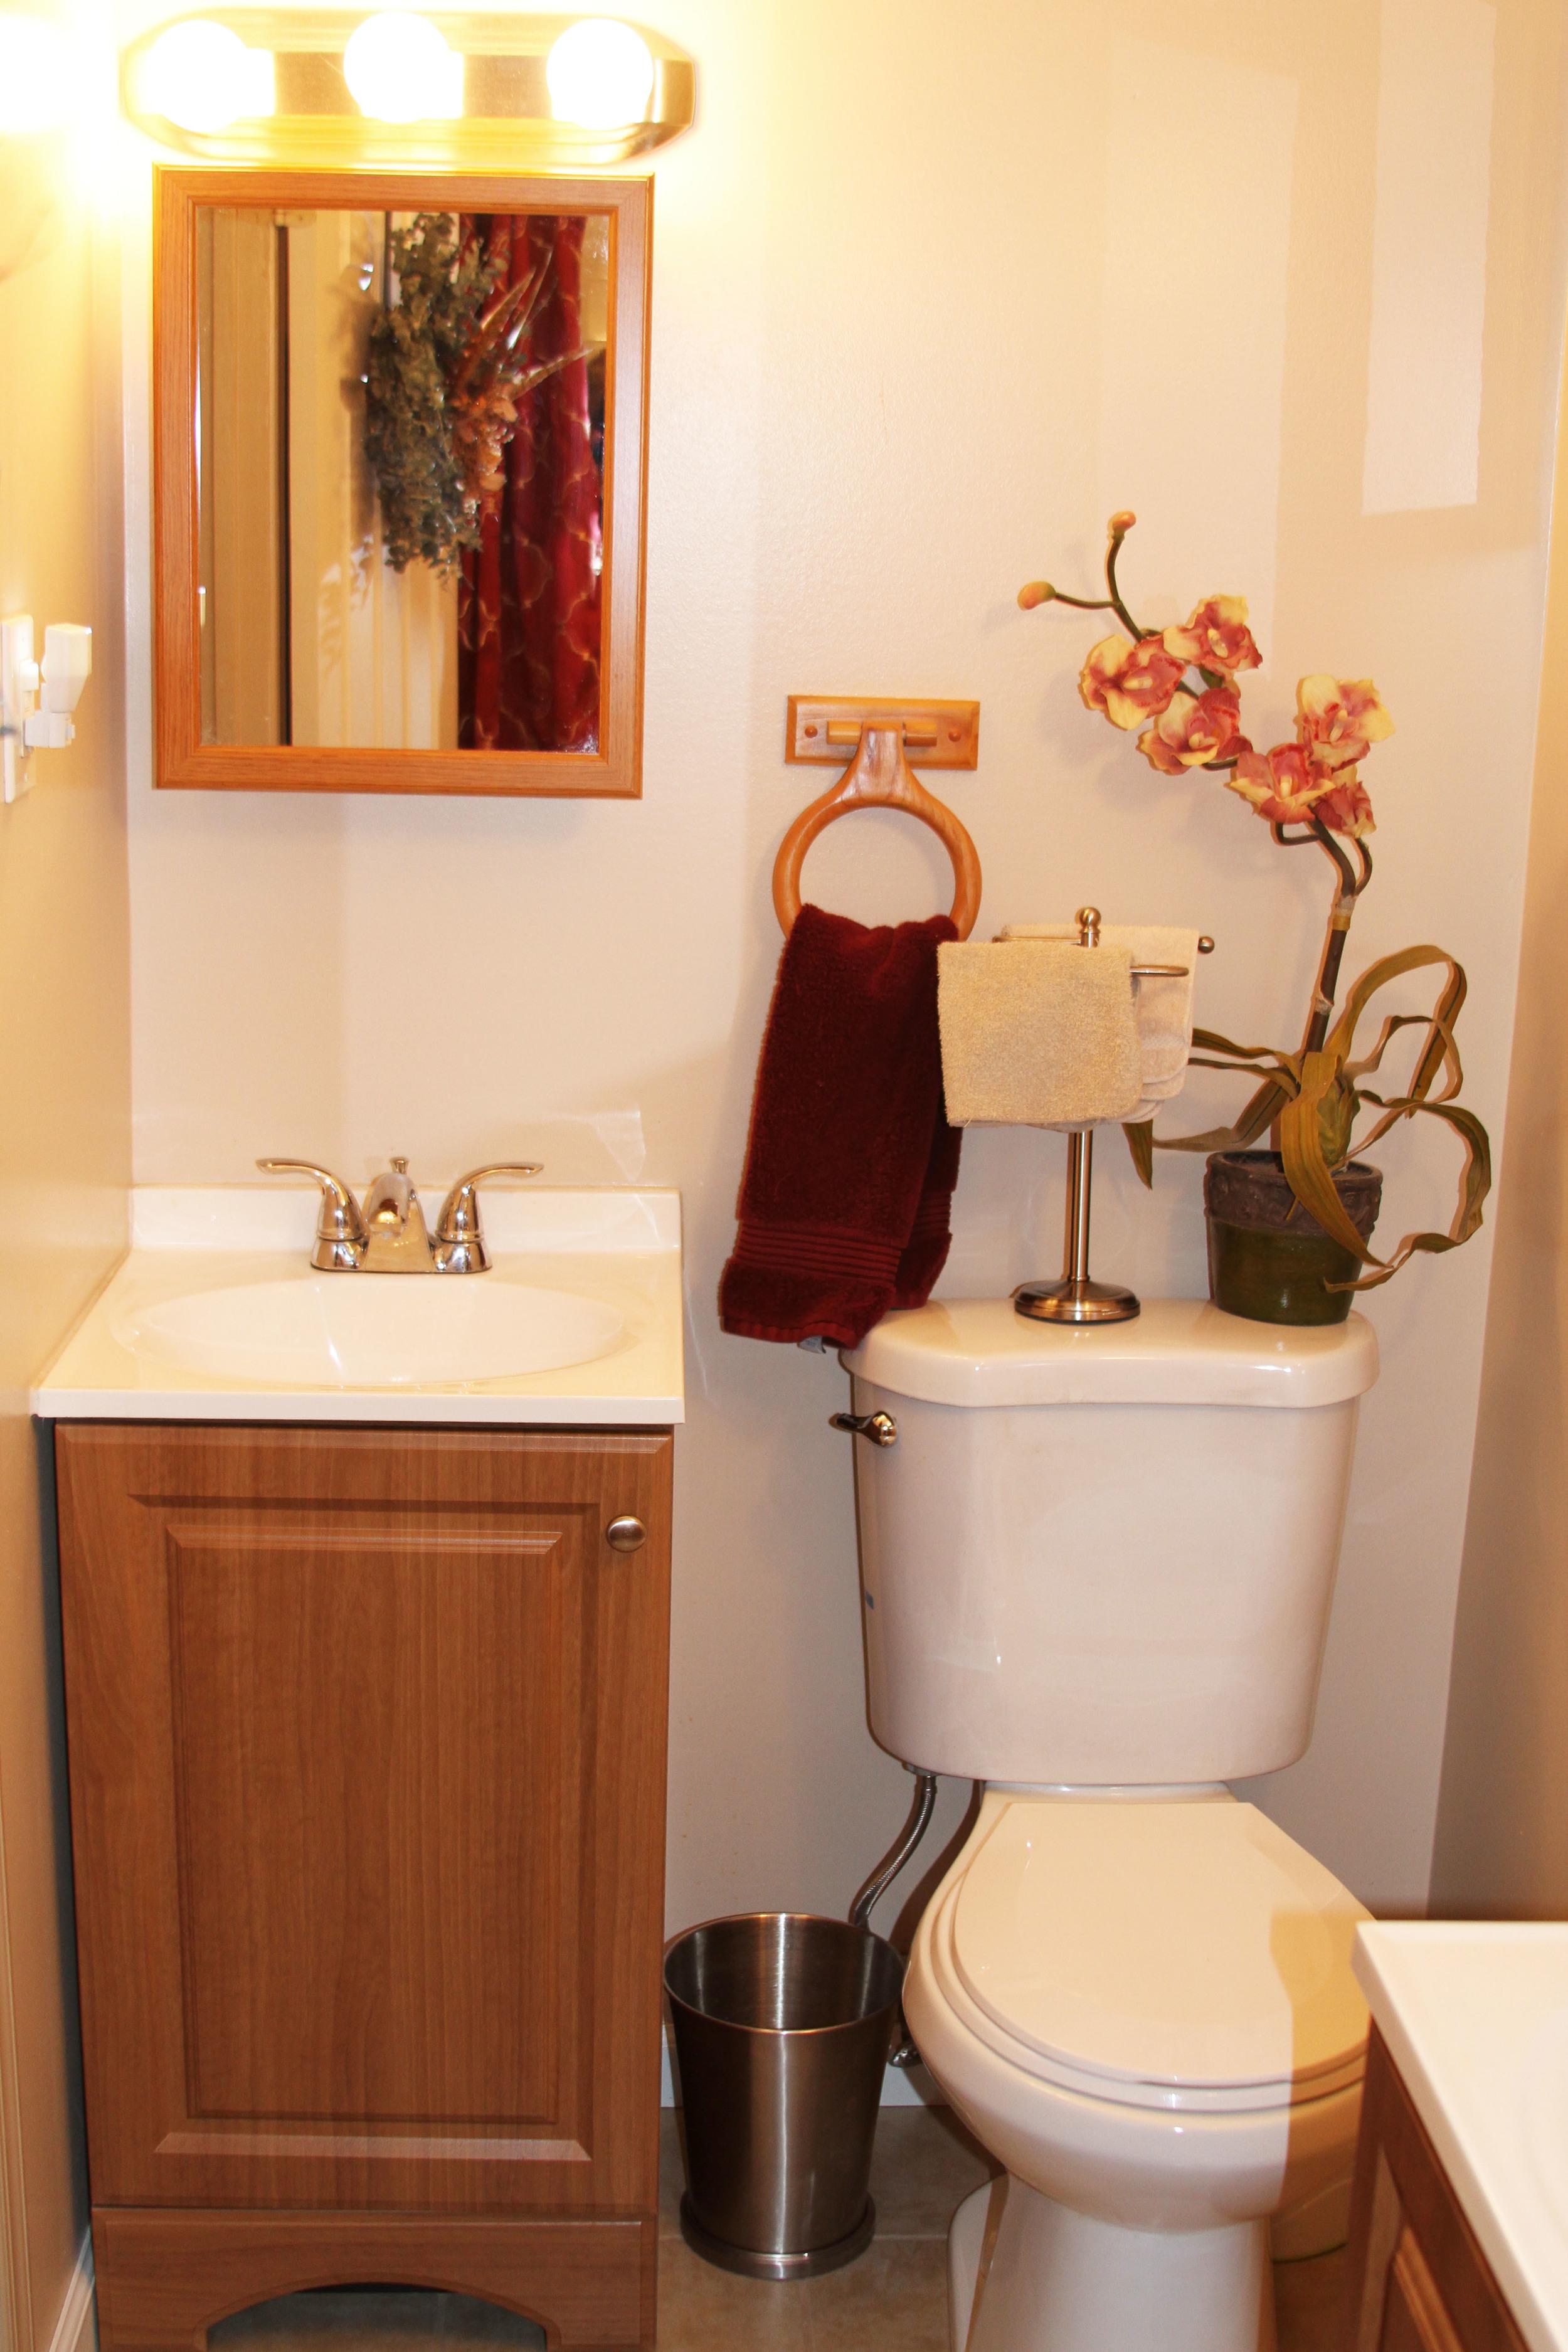 bathroom1toilet.jpg